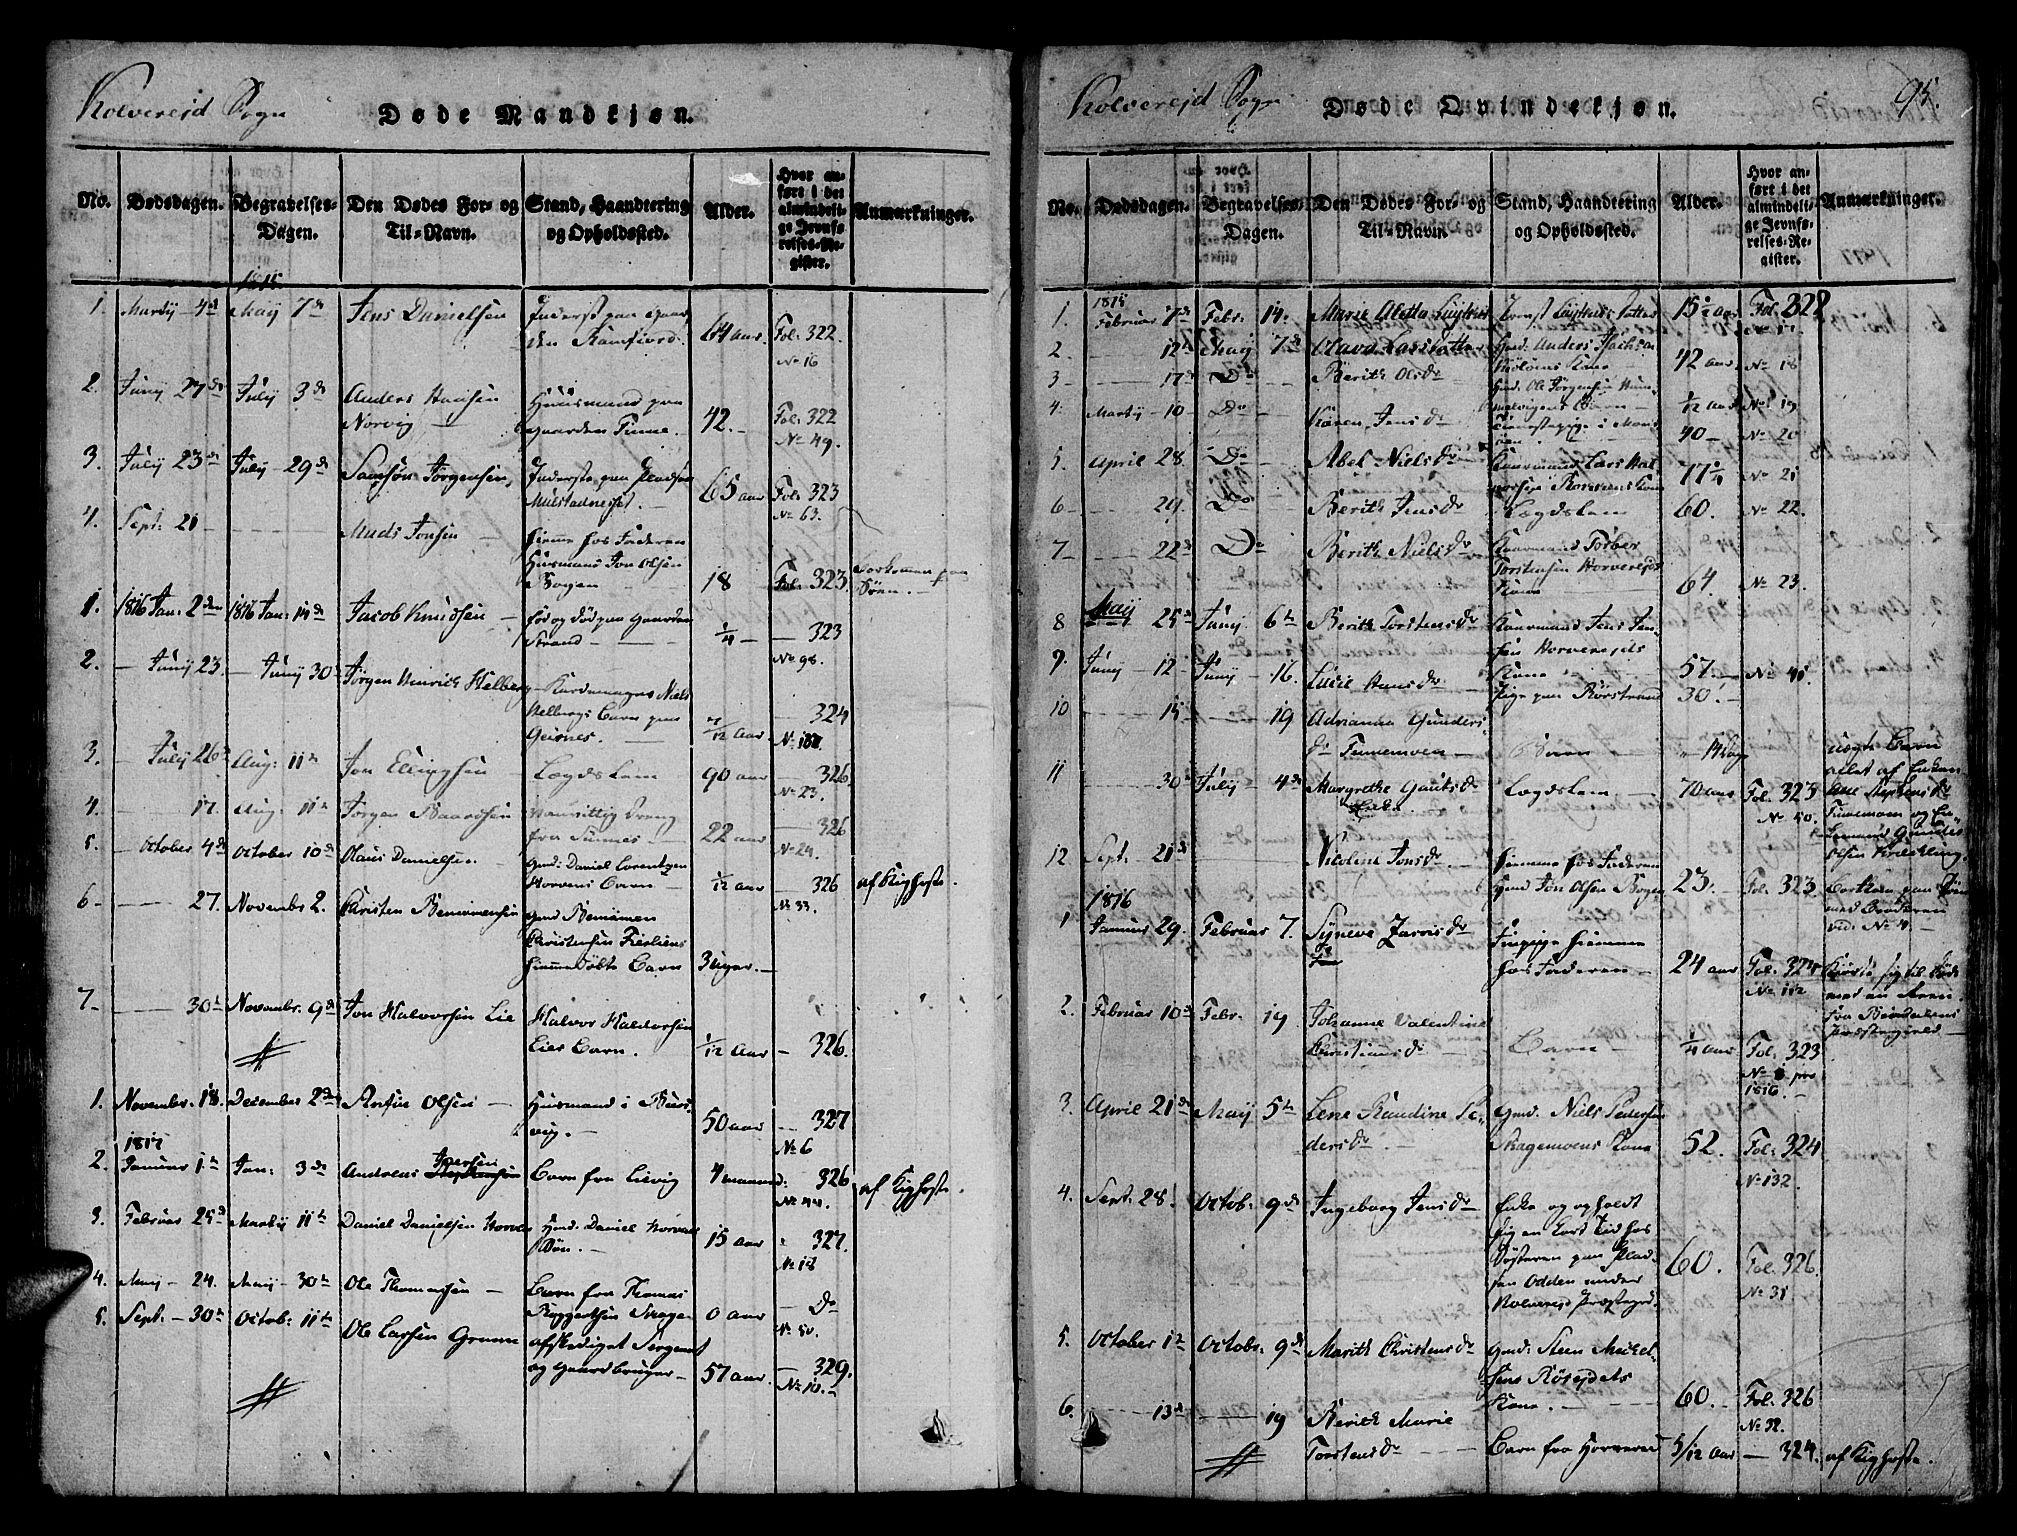 SAT, Ministerialprotokoller, klokkerbøker og fødselsregistre - Nord-Trøndelag, 780/L0636: Ministerialbok nr. 780A03 /1, 1815-1830, s. 95